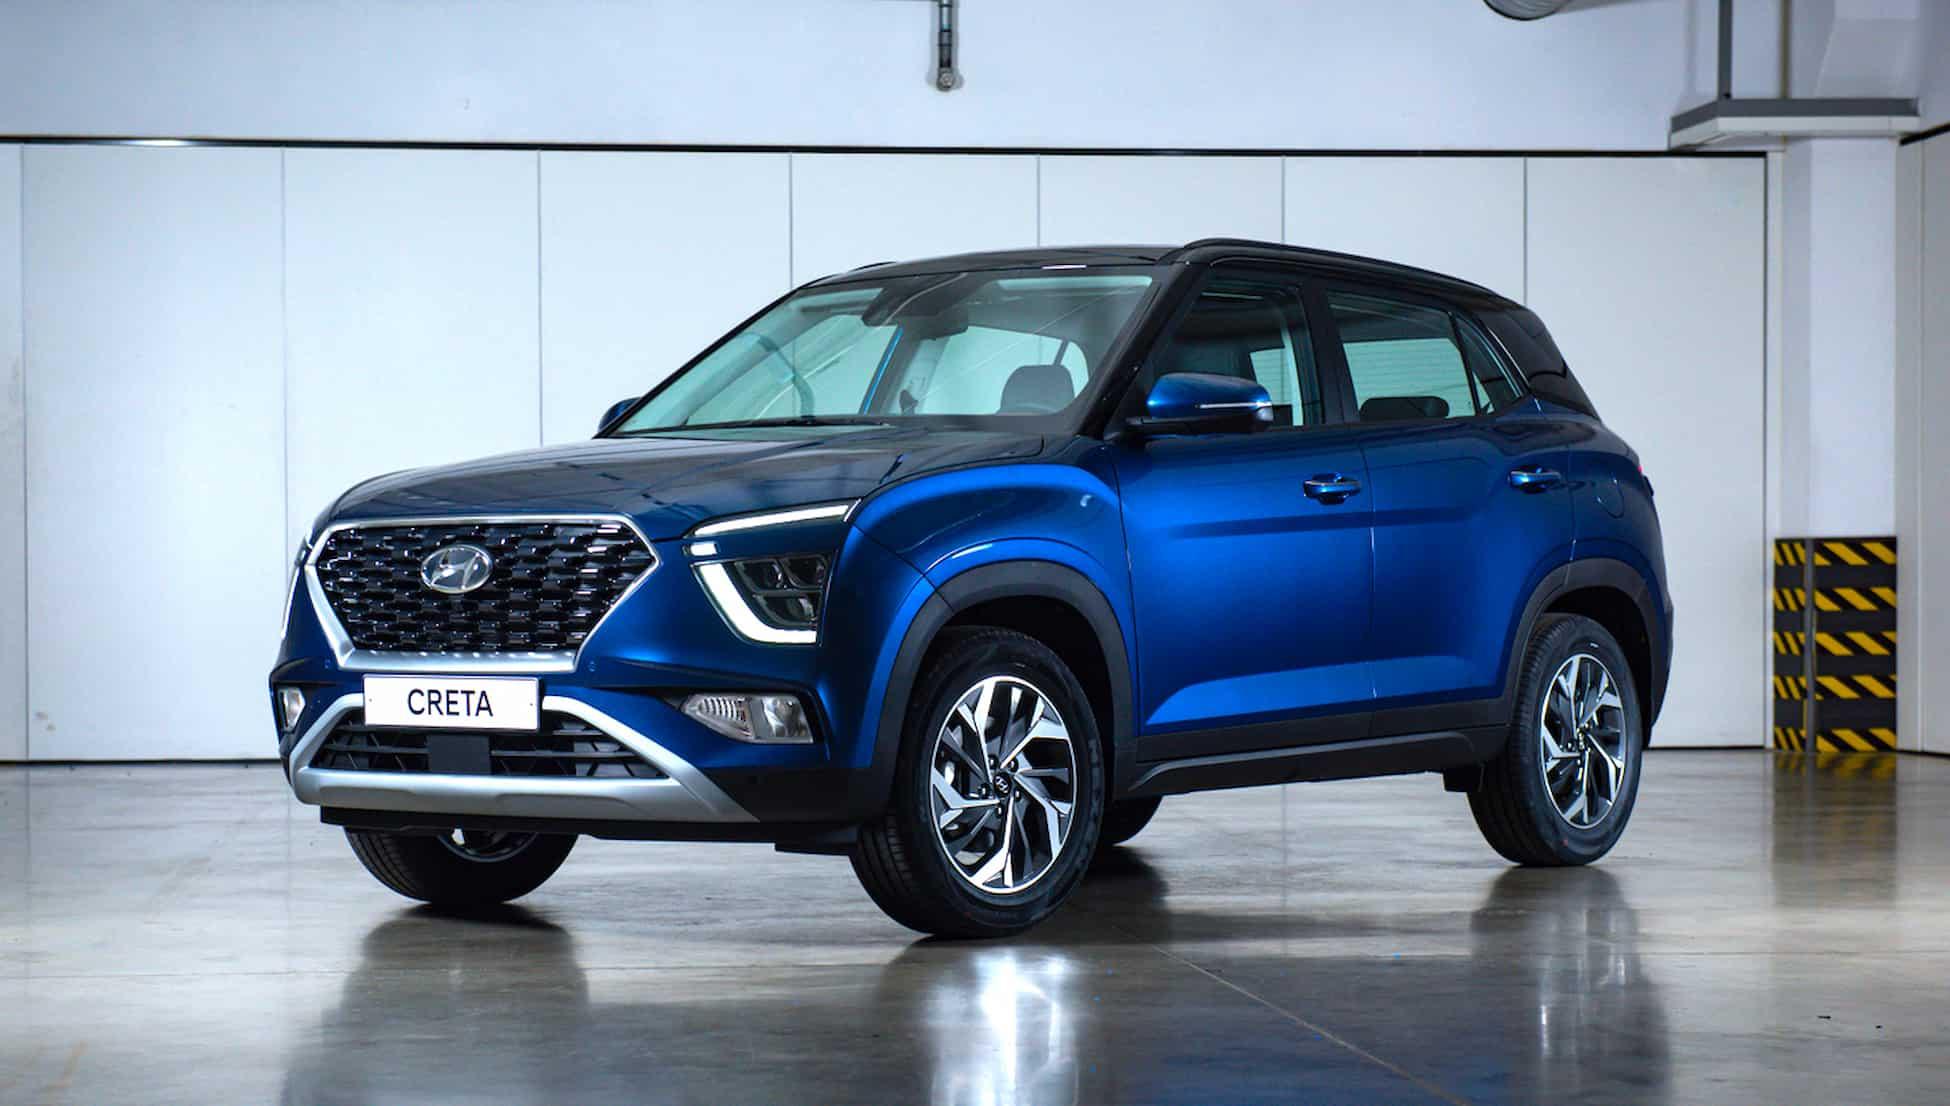 Hyundai представляет новое поколение компактного кроссовера Creta 3